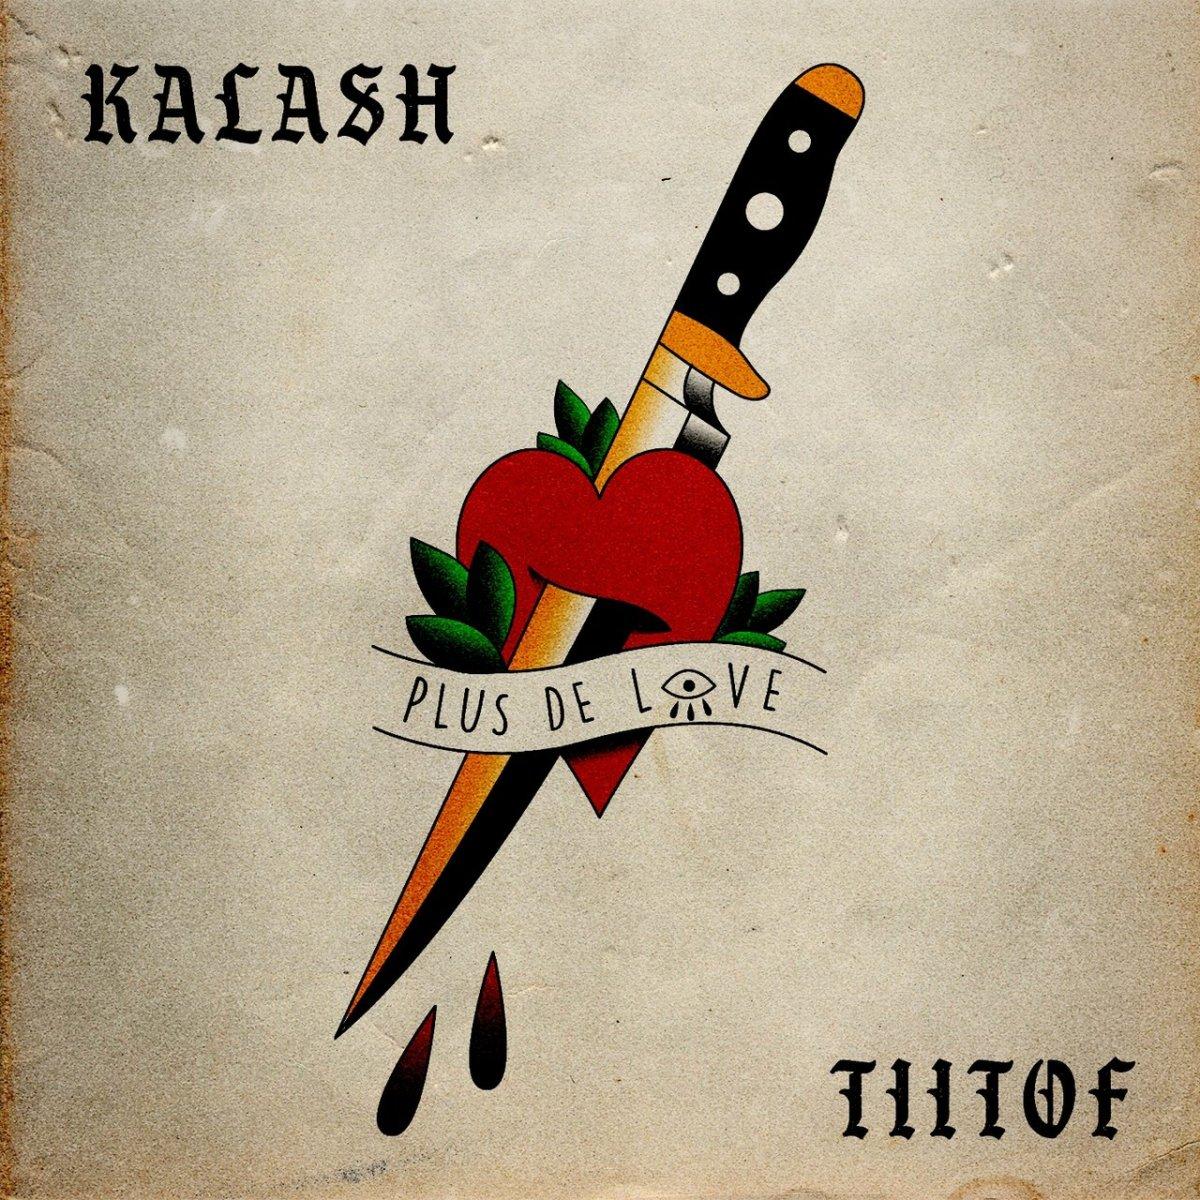 Kalash - Plus De Love (ft. Tiitof) (Cover)